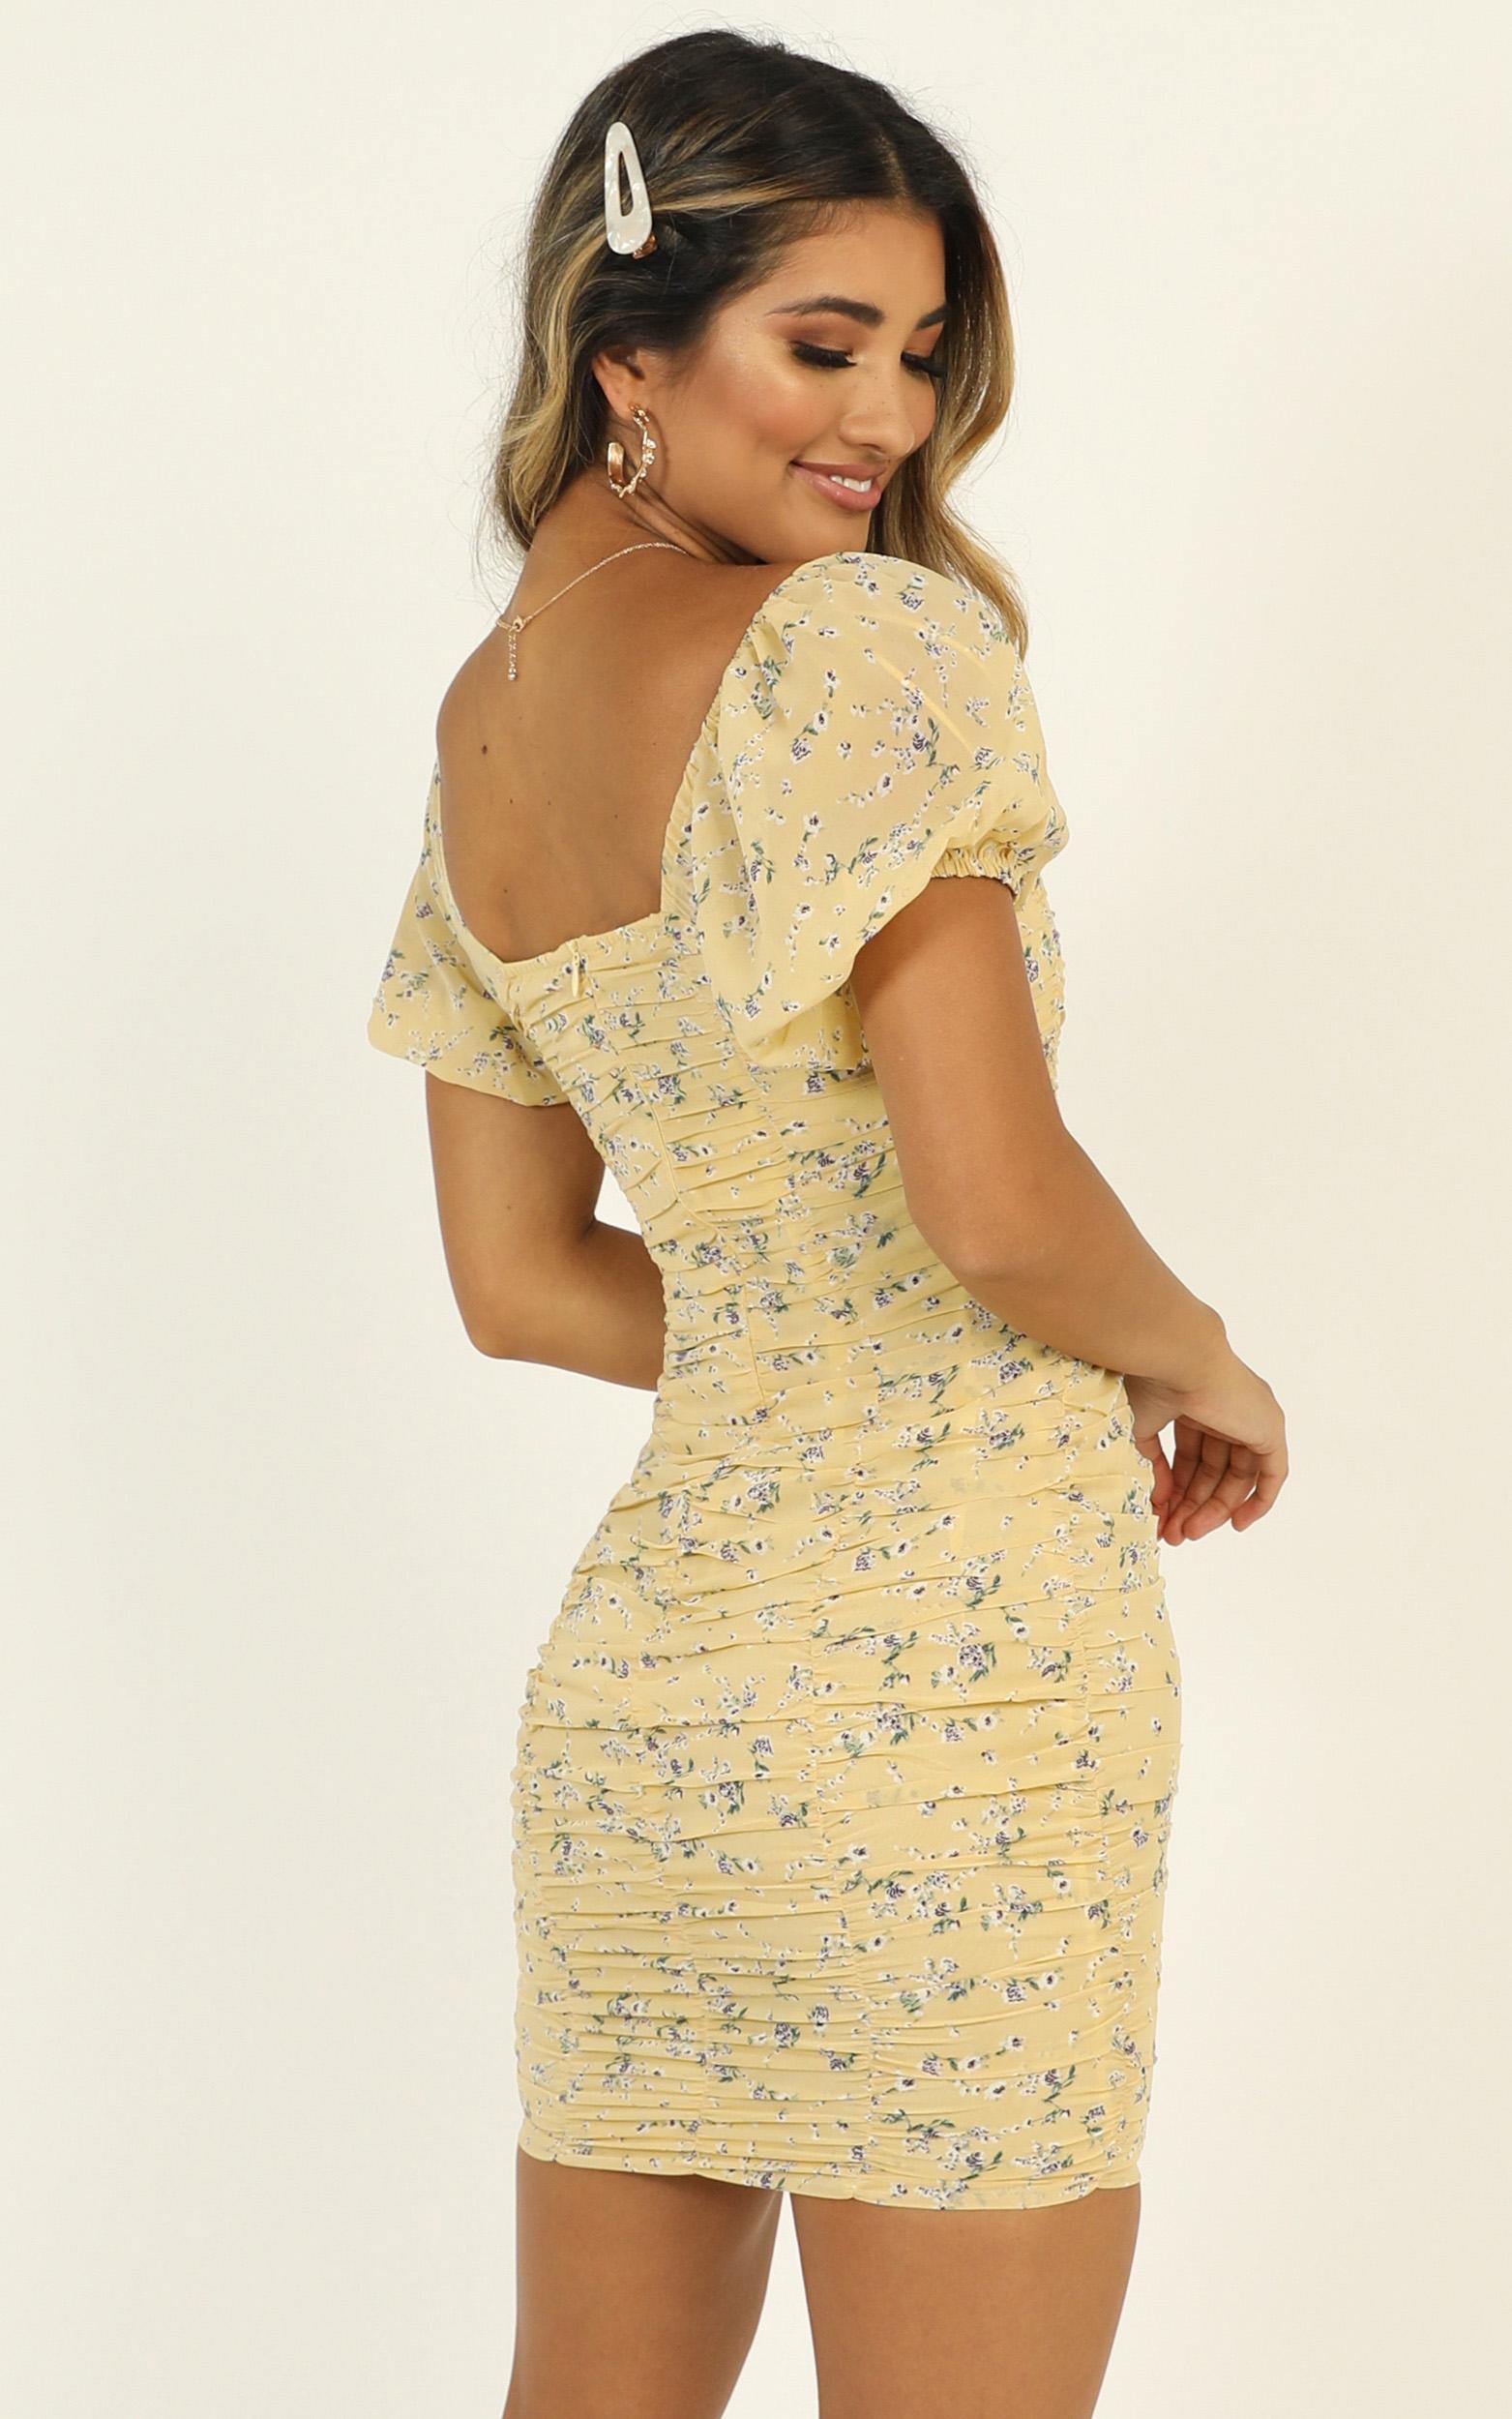 Citrus Memories dress in lemon floral - 16 (XXL), Yellow, hi-res image number null